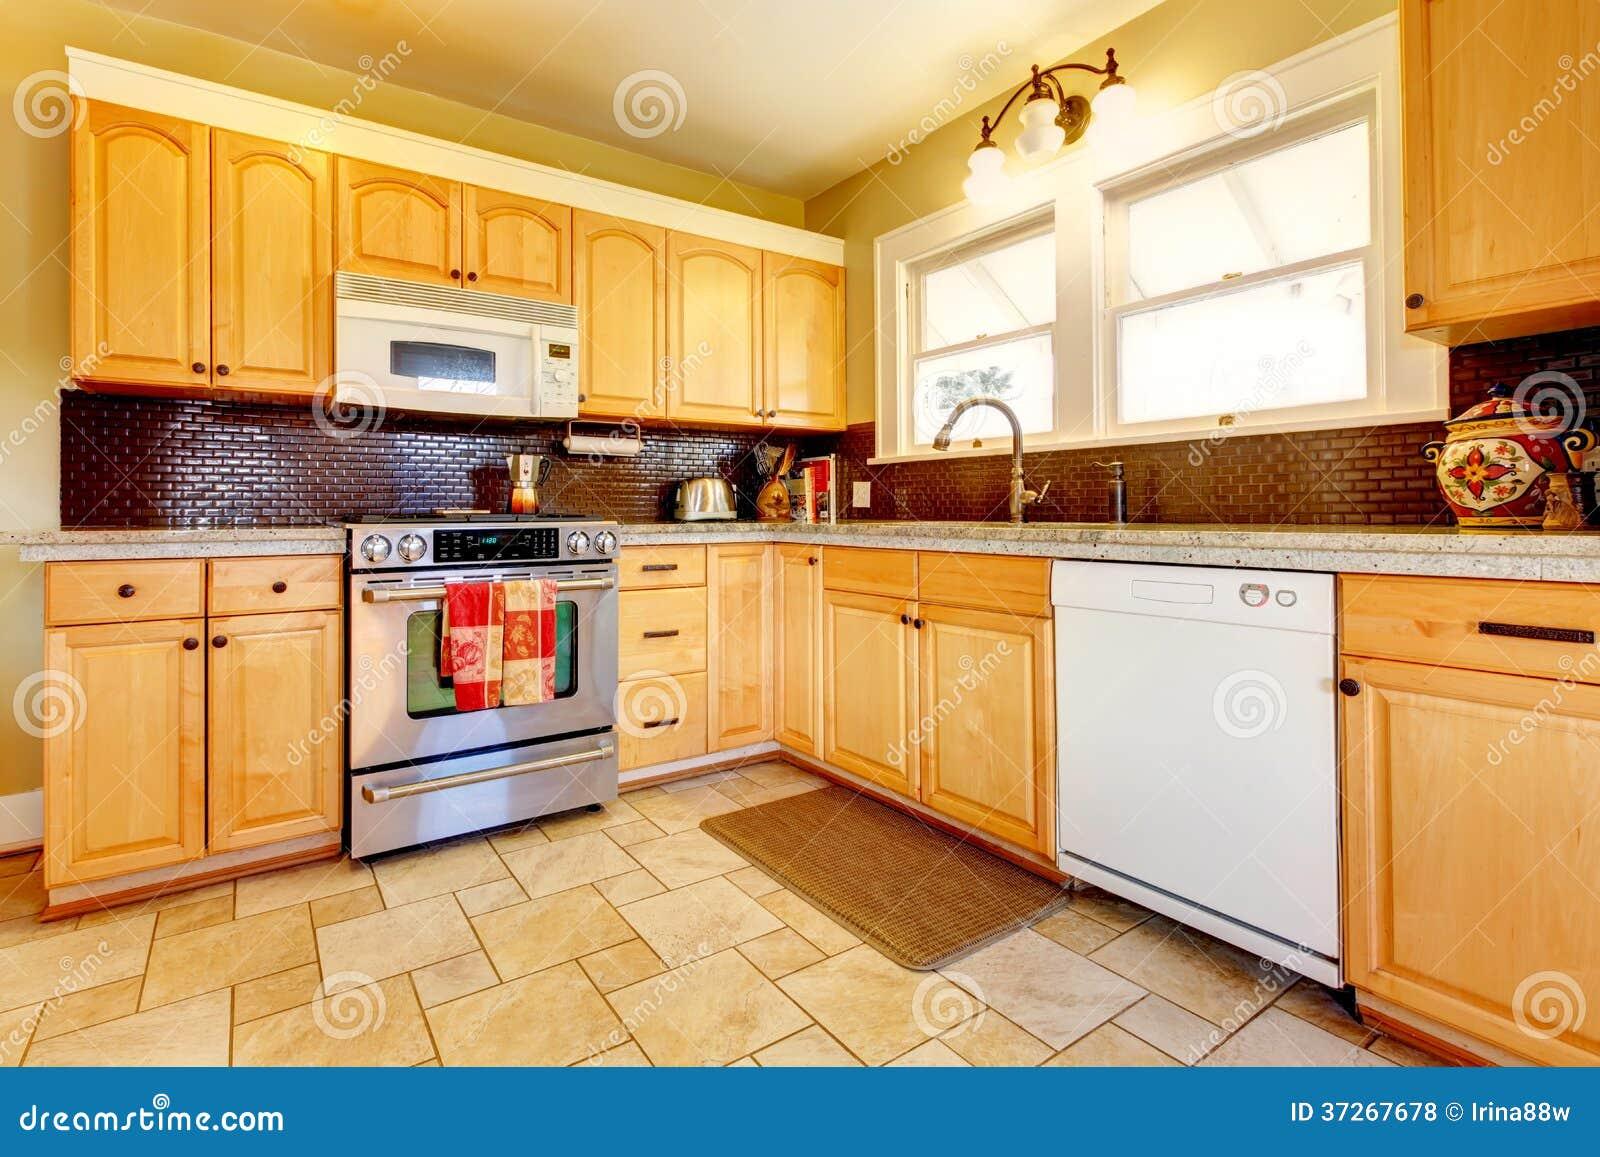 #BA8011 Cozinha De Madeira Dos Tons Da Luz Com Projeto Do Backsplash Do Tijolo  1300x957 px A Cozinha Mais Recente Projeta Fotos_836 Imagens